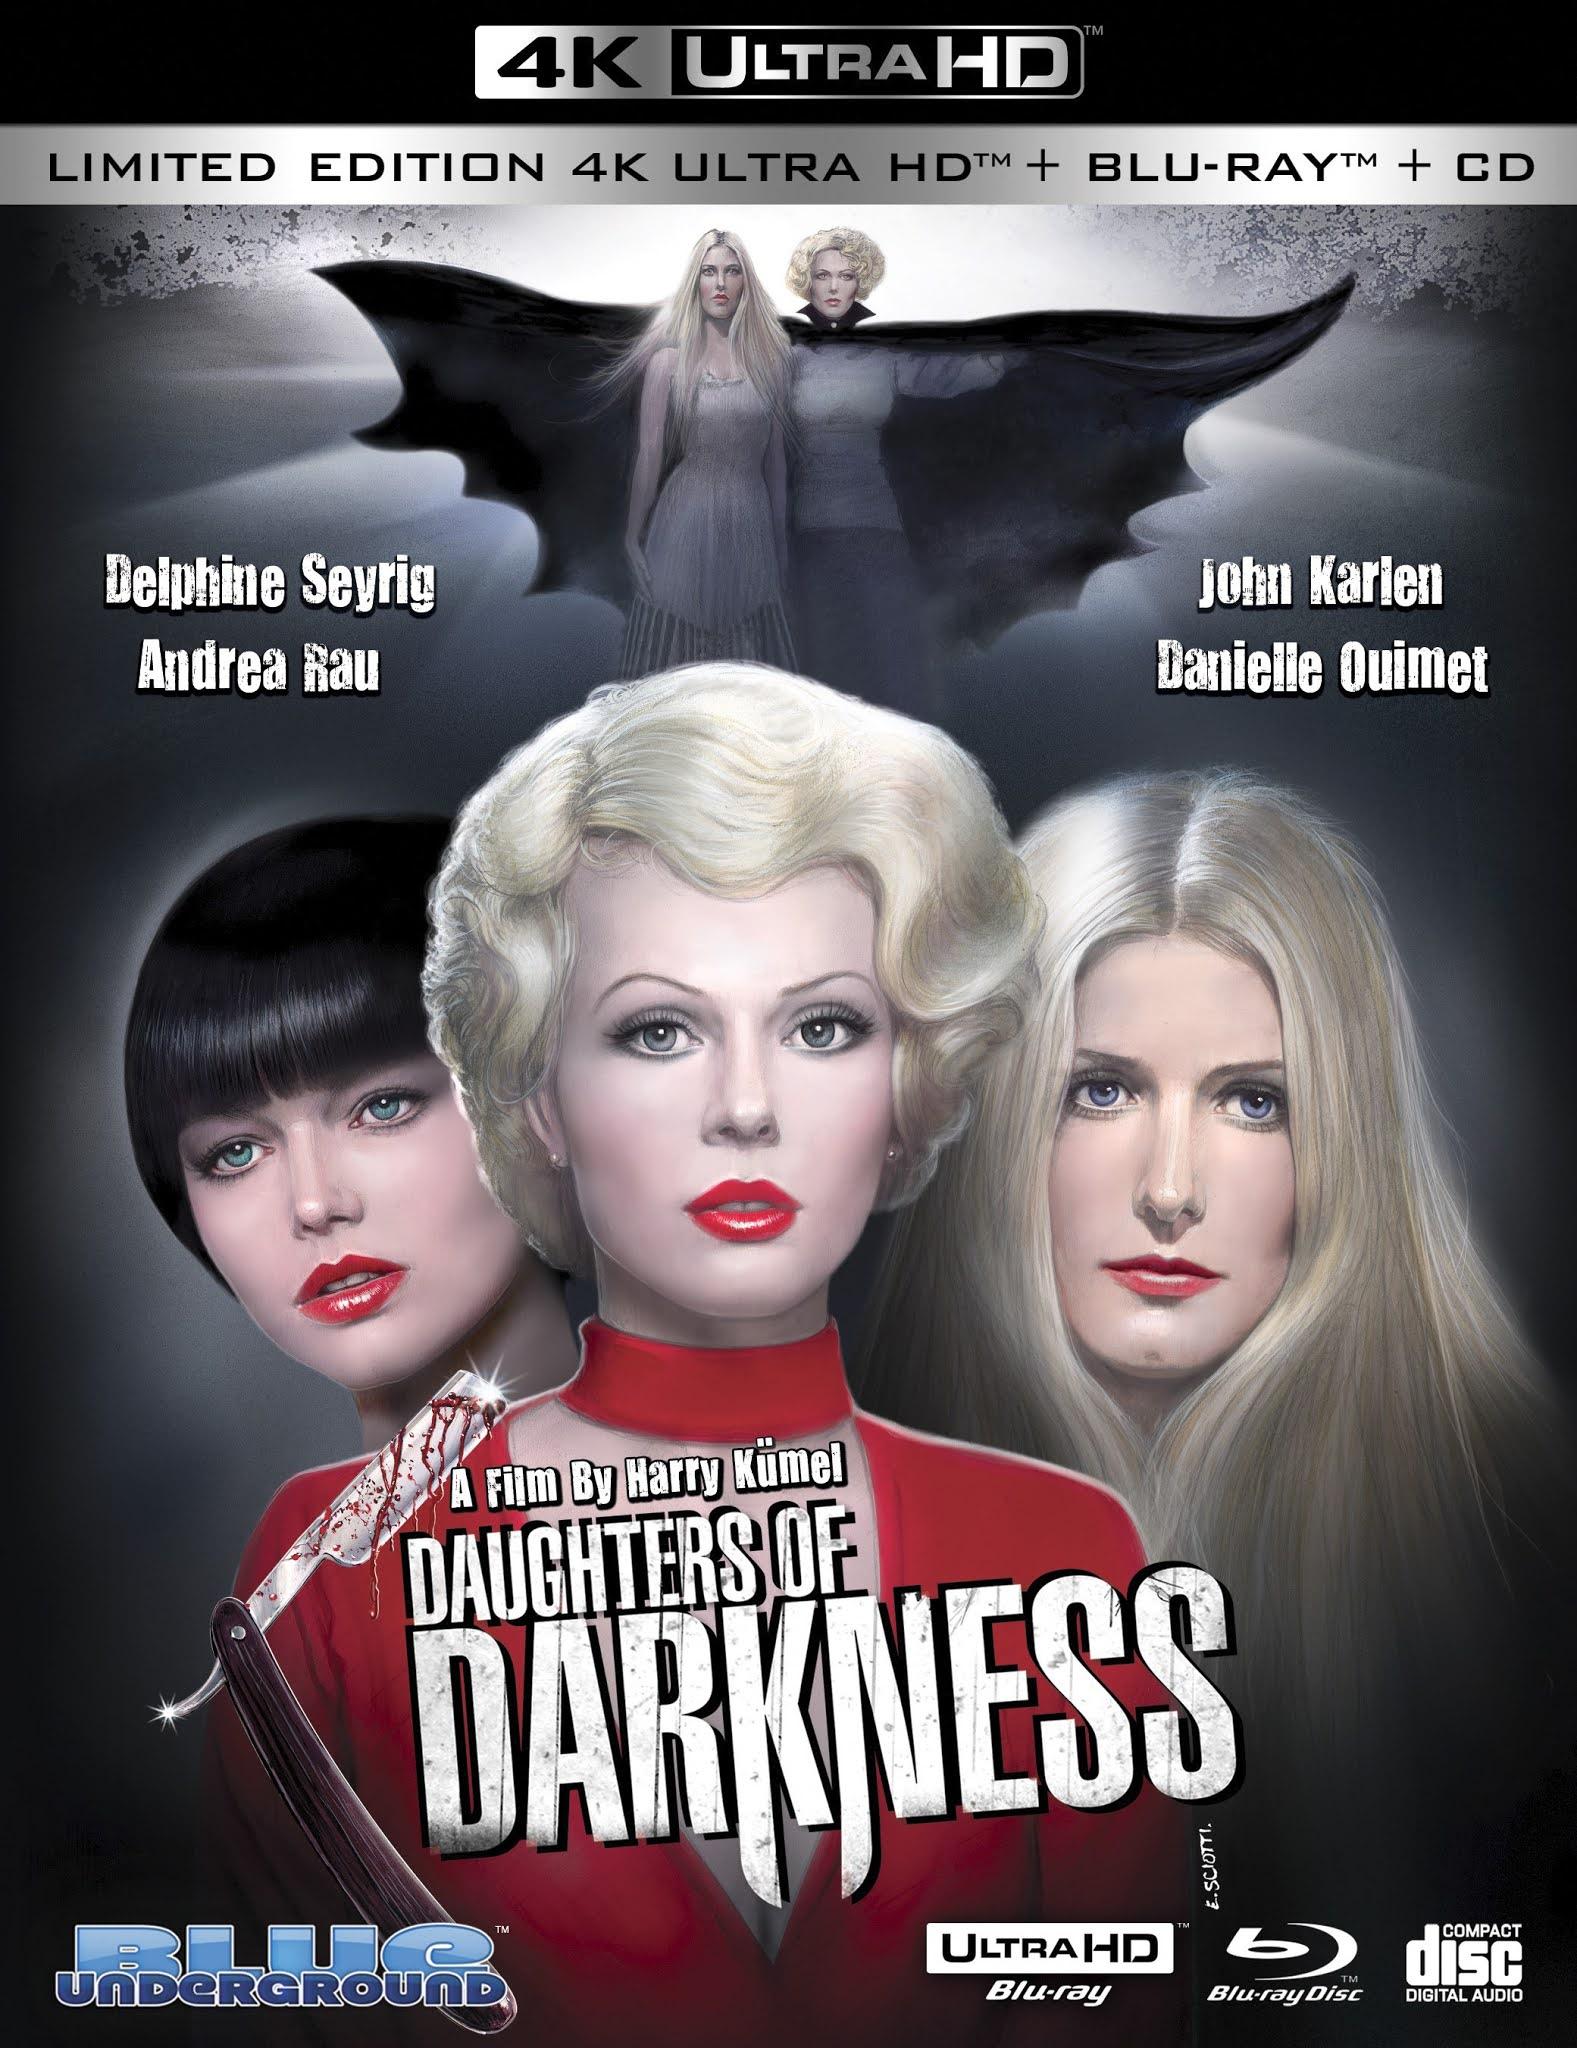 Halloween 2020 Blu Rau MileHighGayGuy: Spend Halloween with 'Daughters of Darkness'